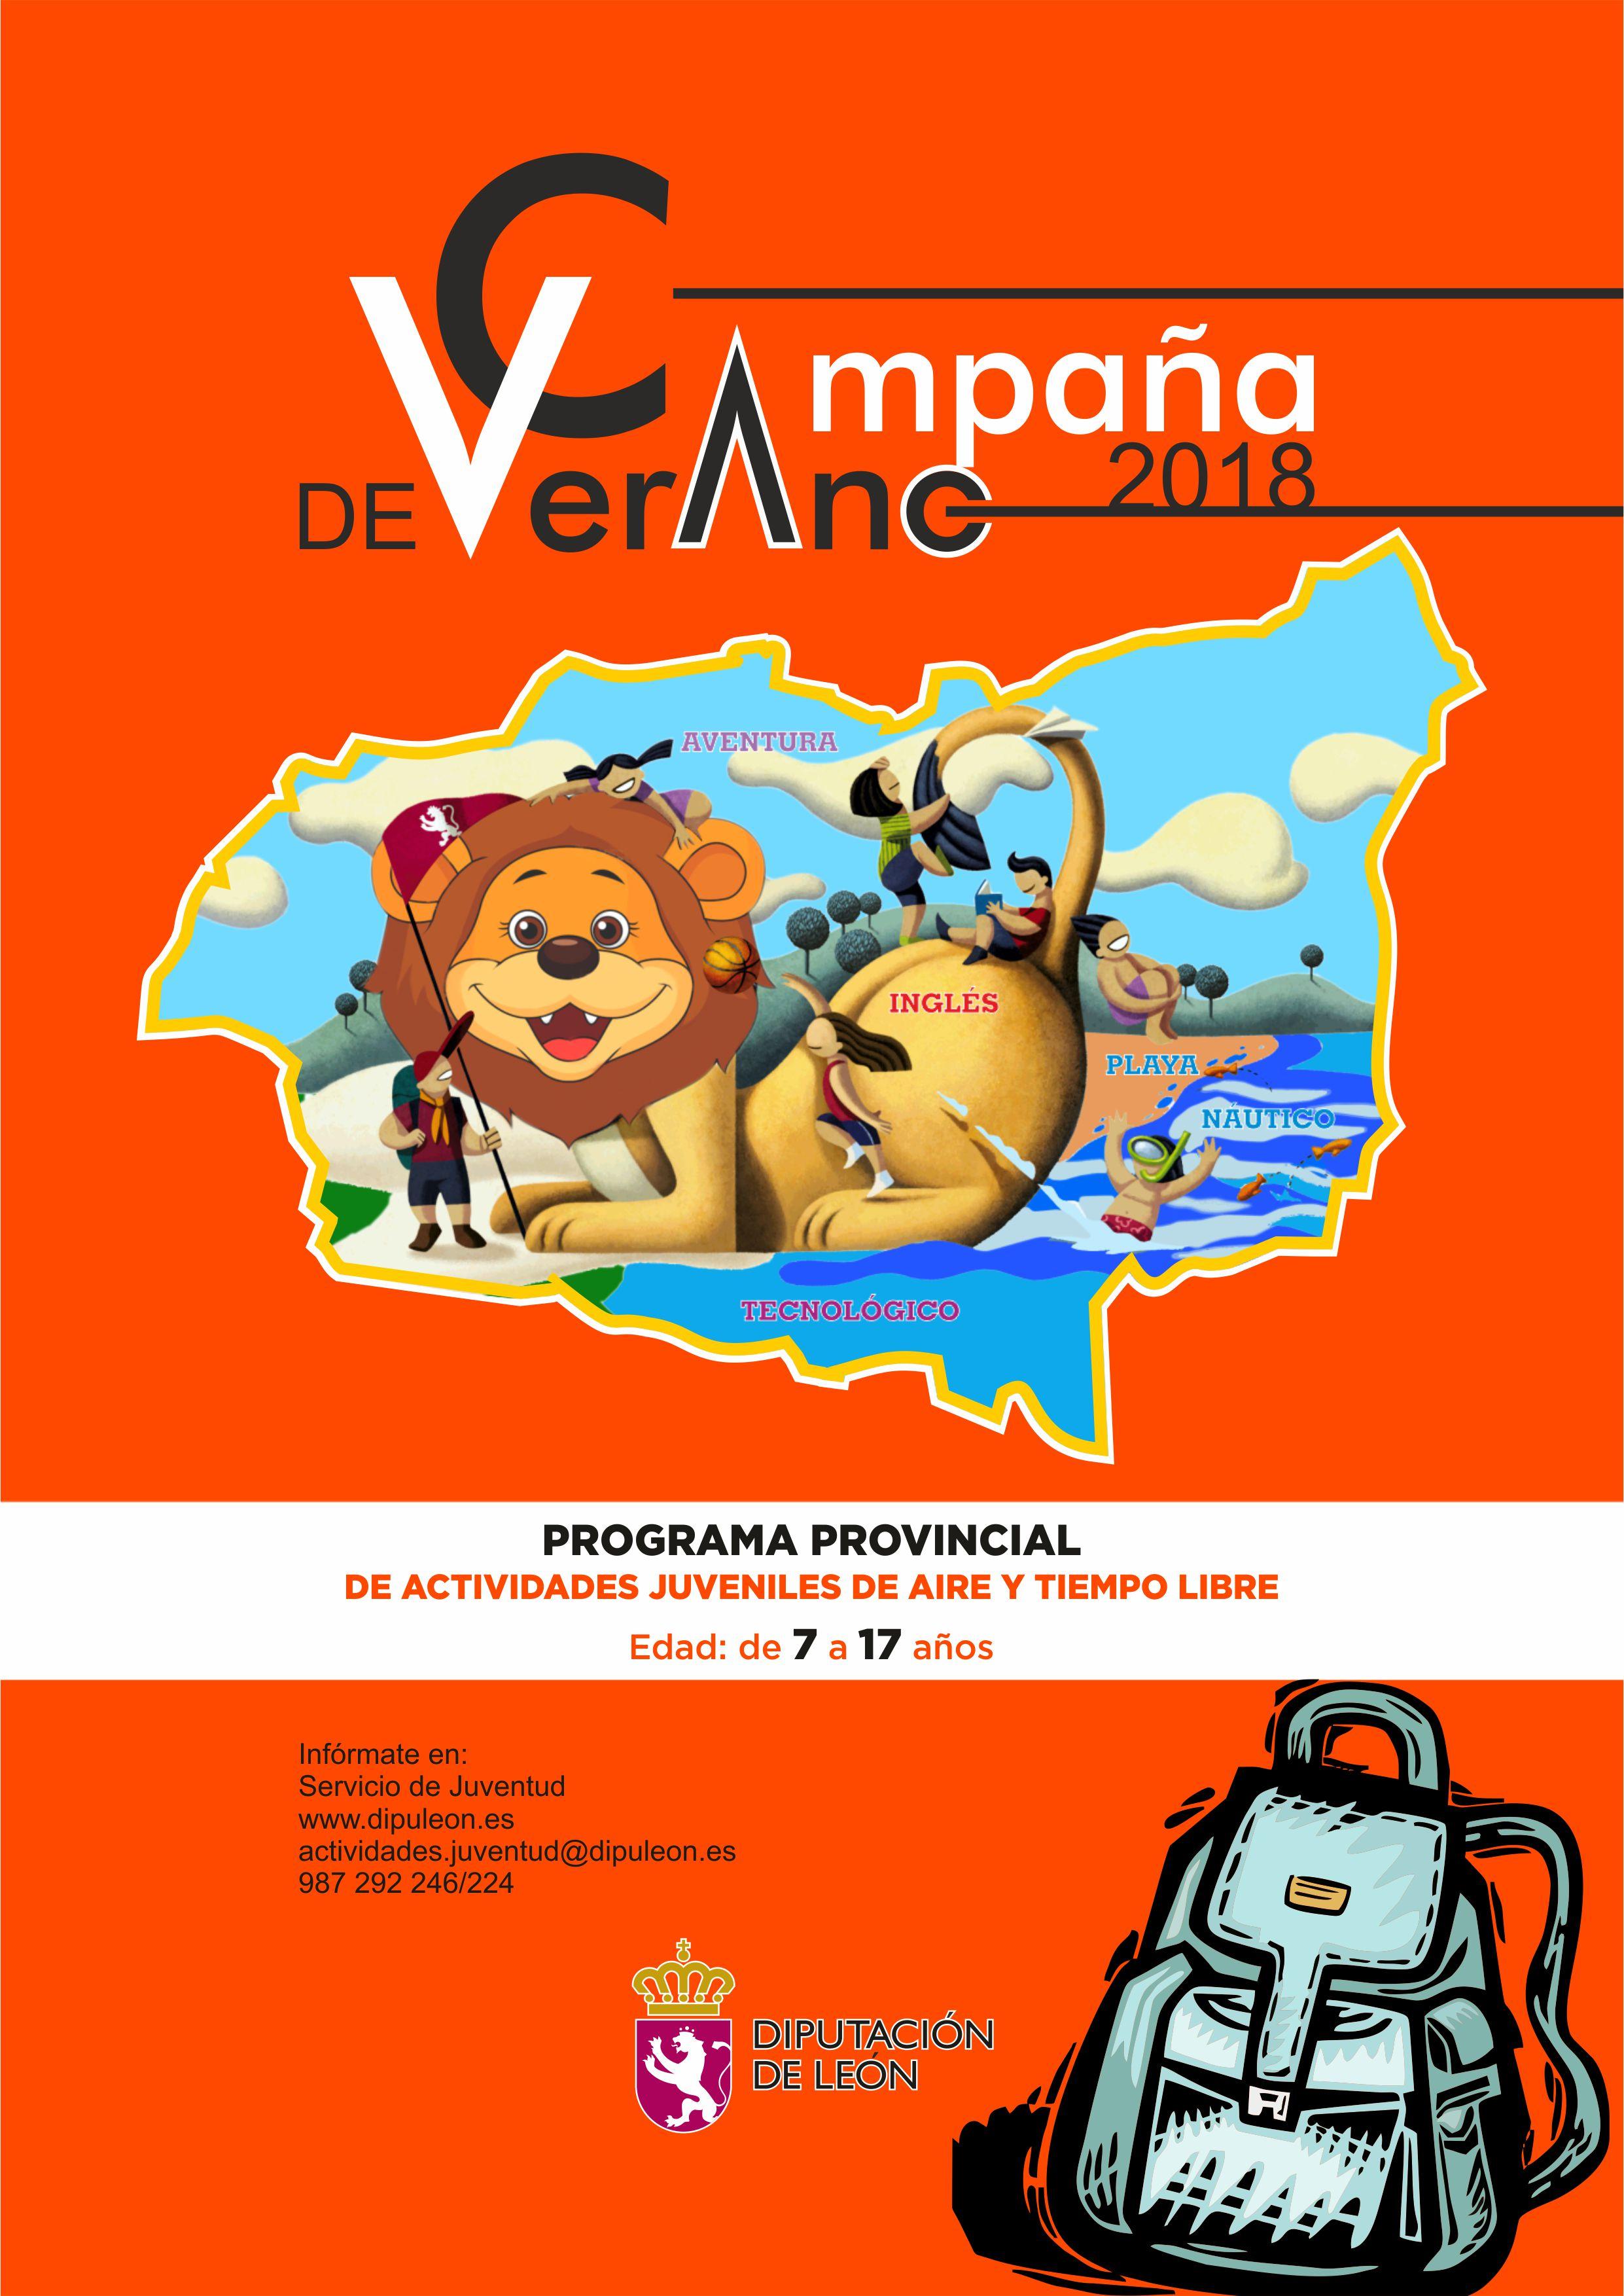 Campamentos de verano para niños 2018 en Ponferrada y El Bierzo 40